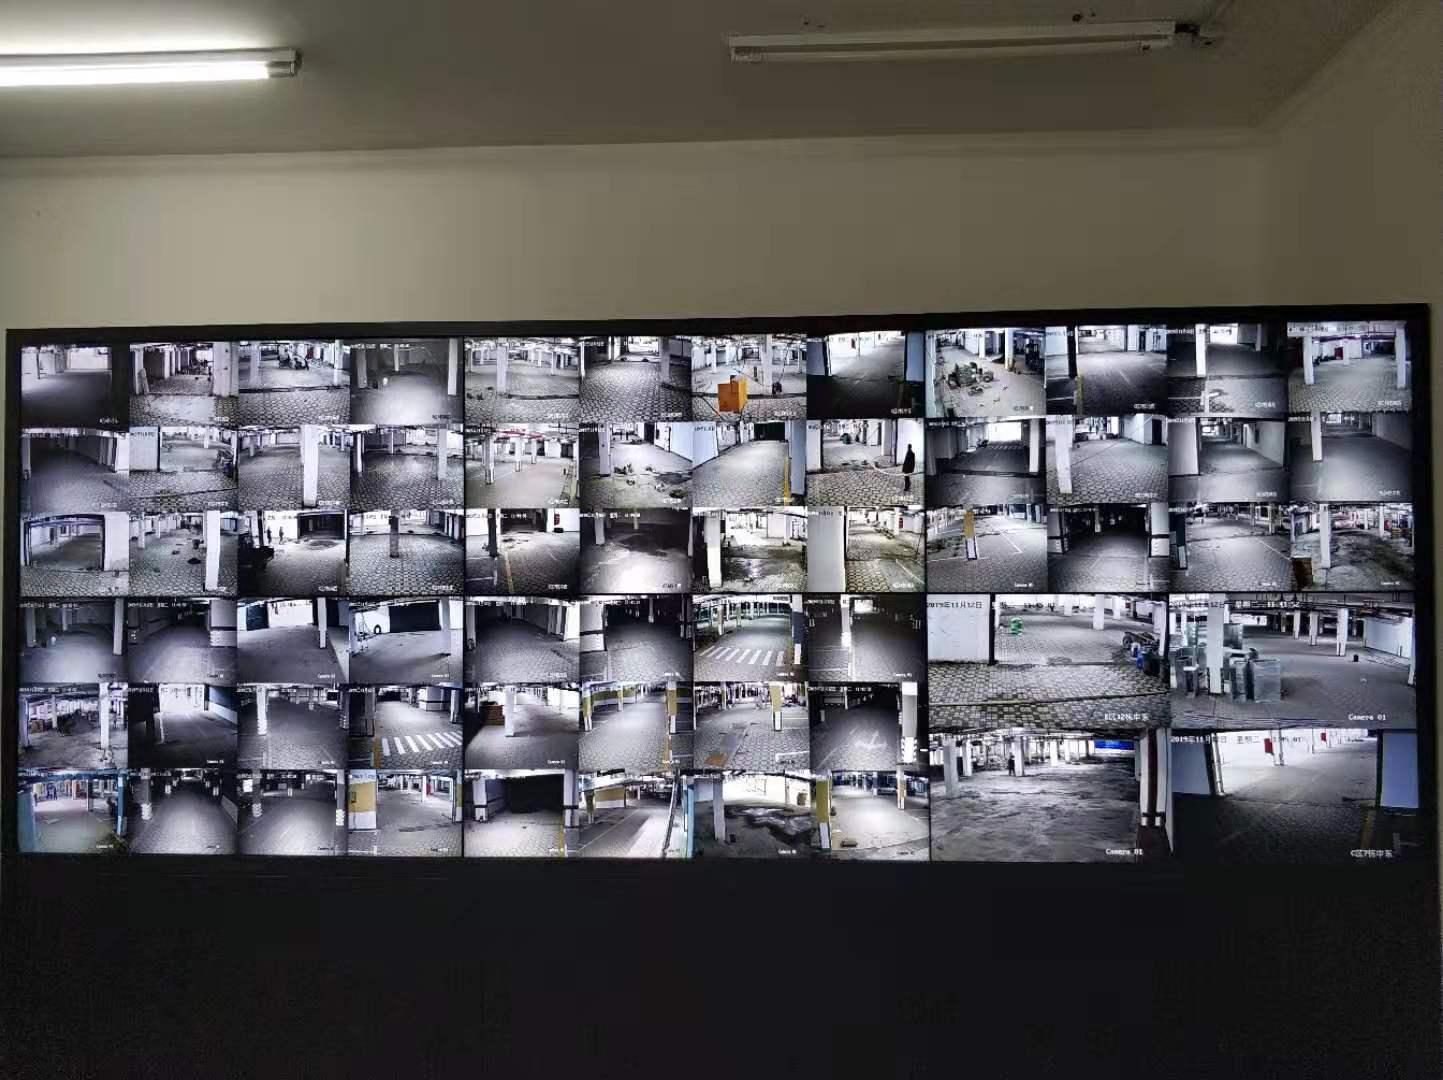 重庆沙坪坝区监控安装要注意哪些问题